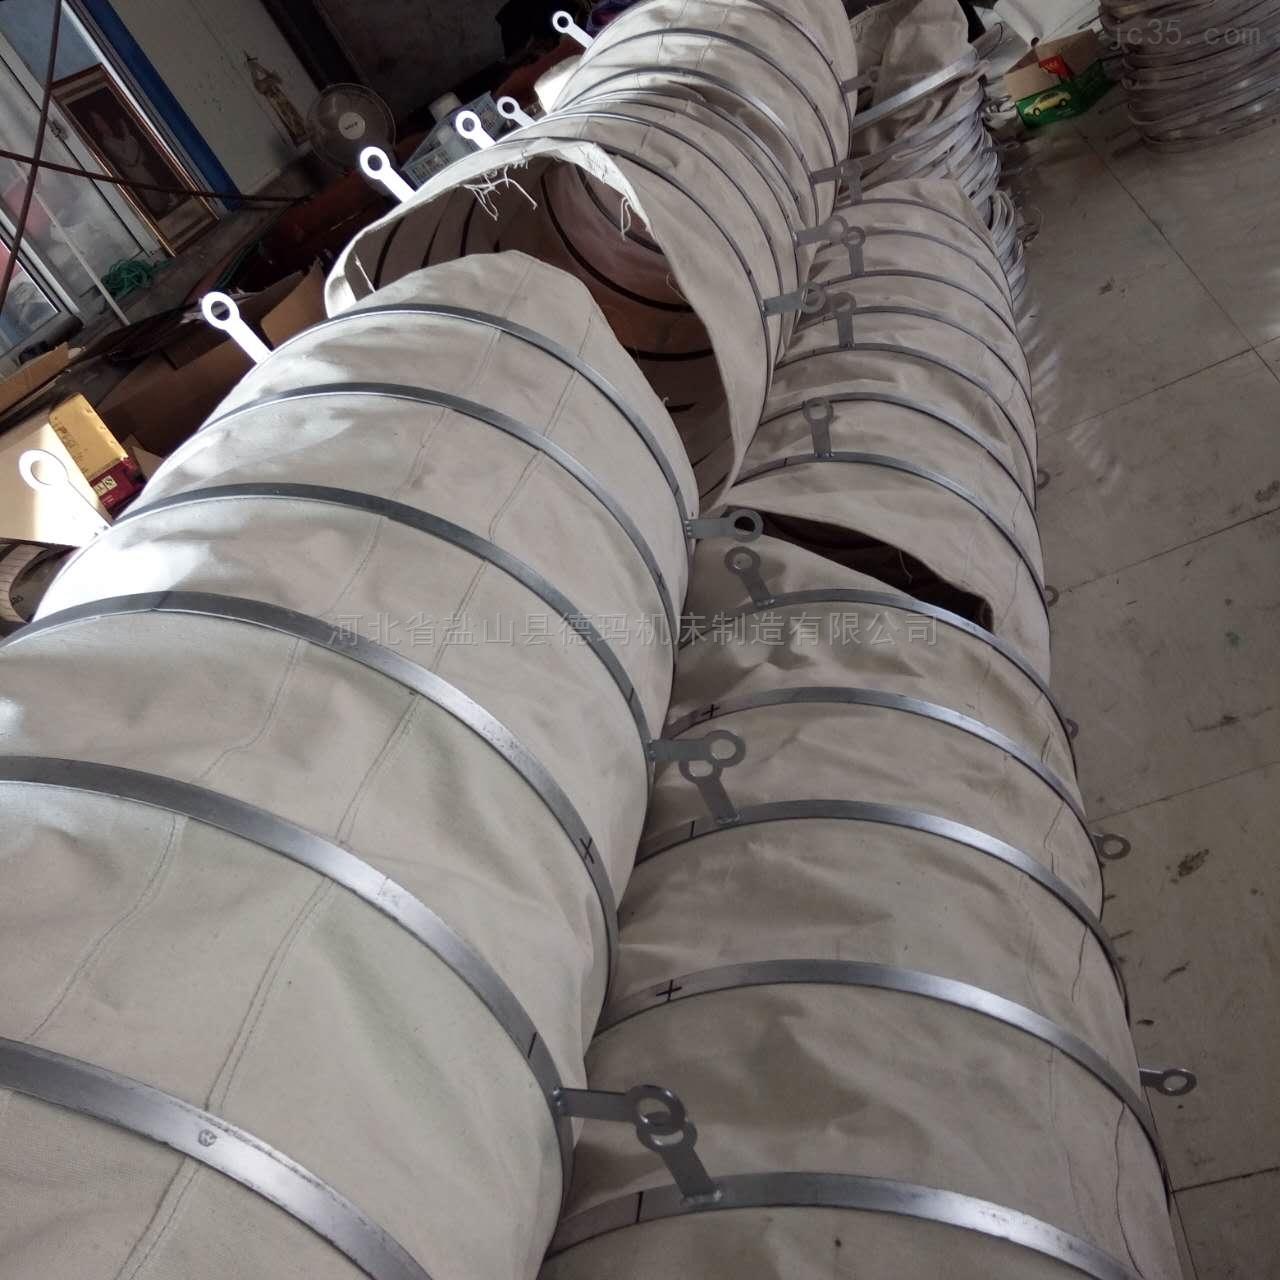 自定-防火帆布风机通风软连接生产厂家